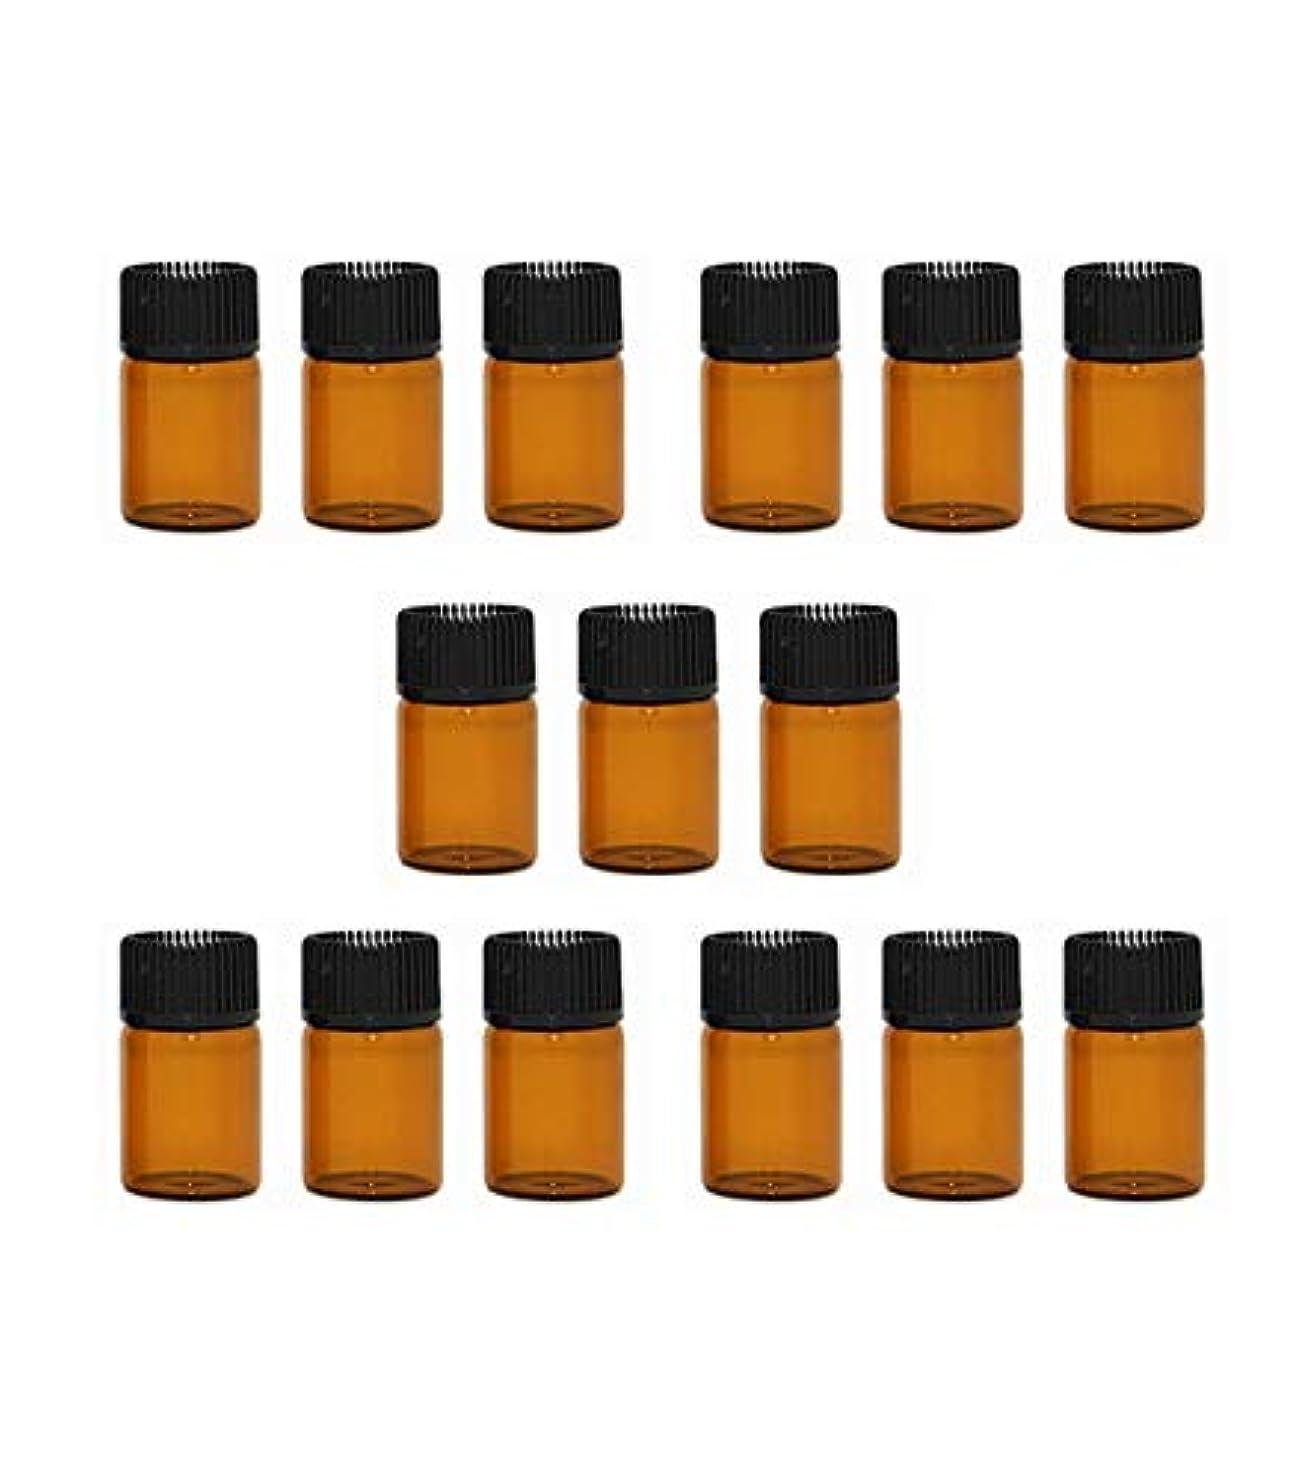 世界記録のギネスブック露骨な実験精油 小分け用 ボトル オイル 用 茶色 瓶 アロマオイル 遮光瓶 エッセンシャルオイル 保存瓶 2ml 15本セット